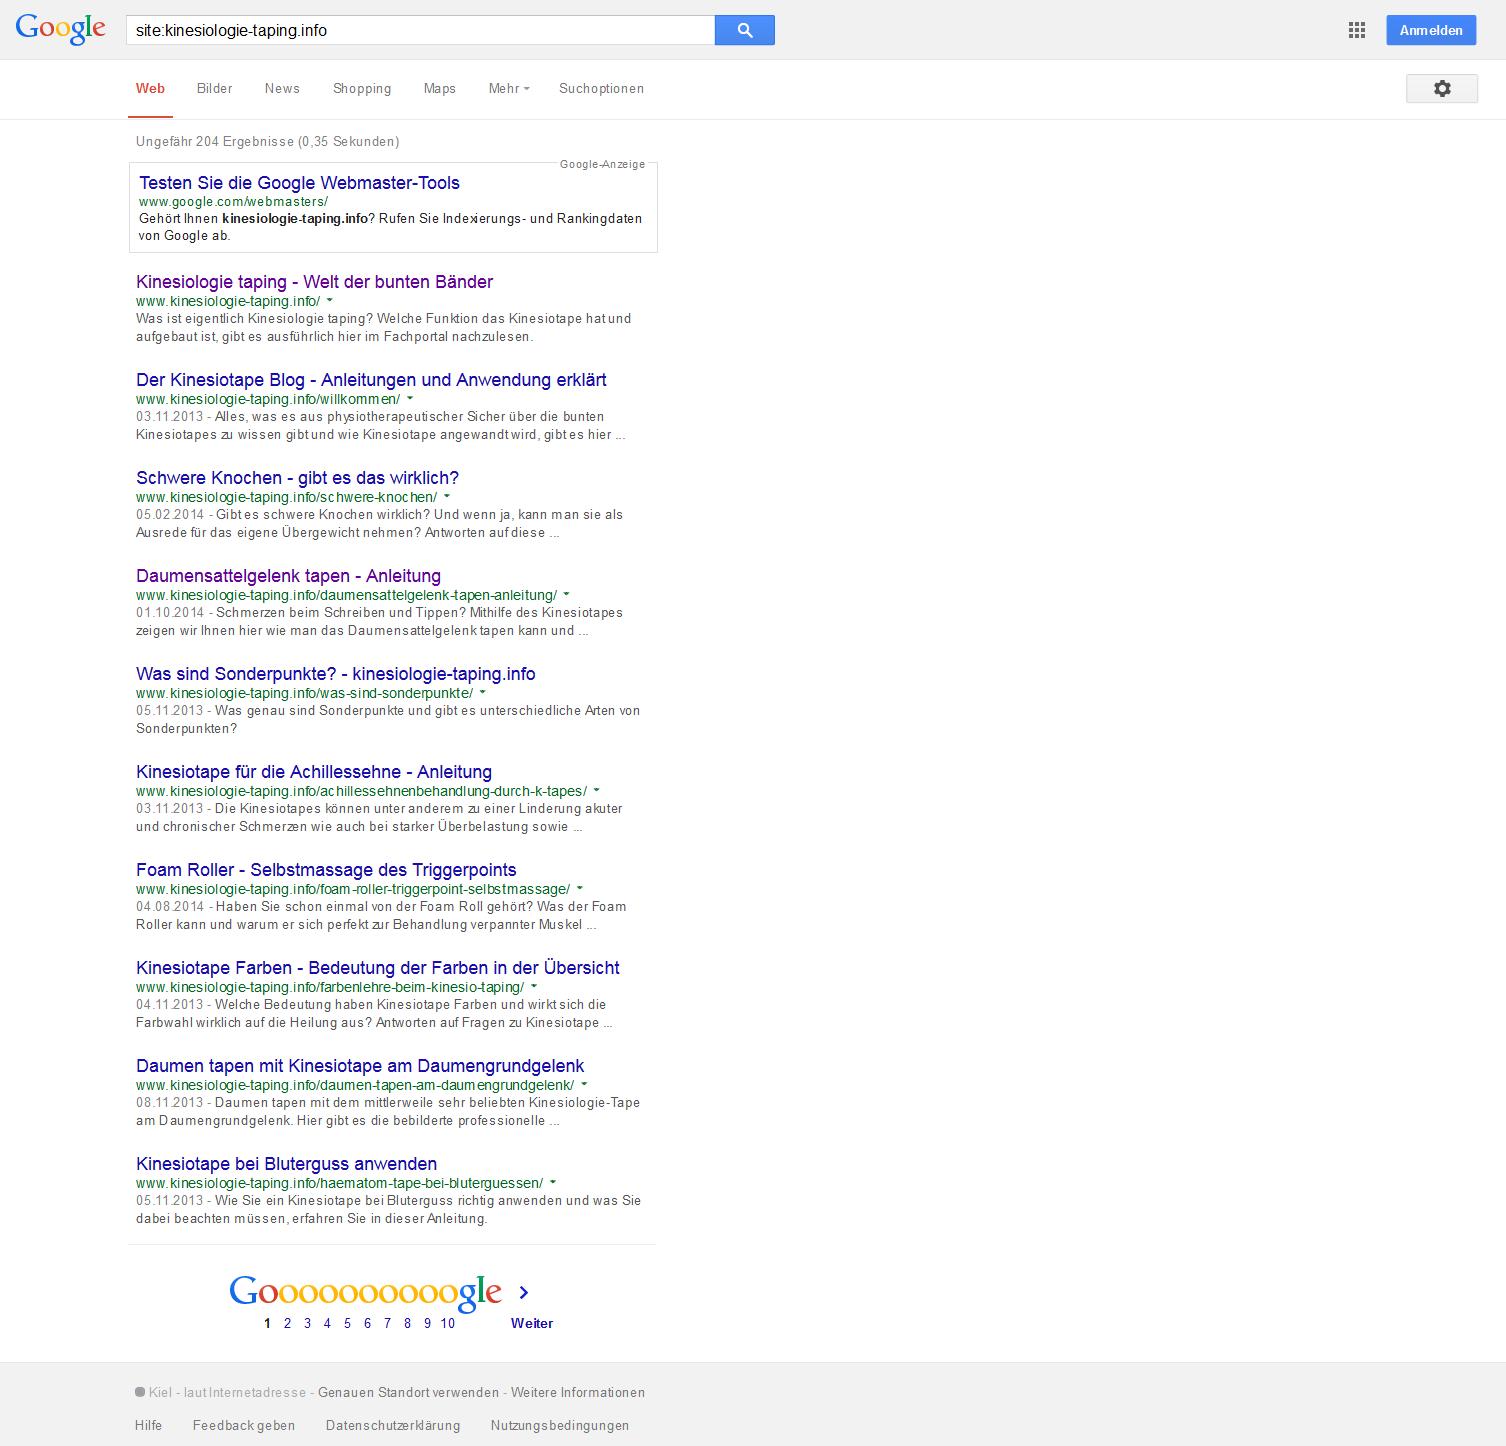 Wenn Site-Operator verwendet wird, werden sämtliche Seiten einer Domain in den Suchergenissen gelistet.